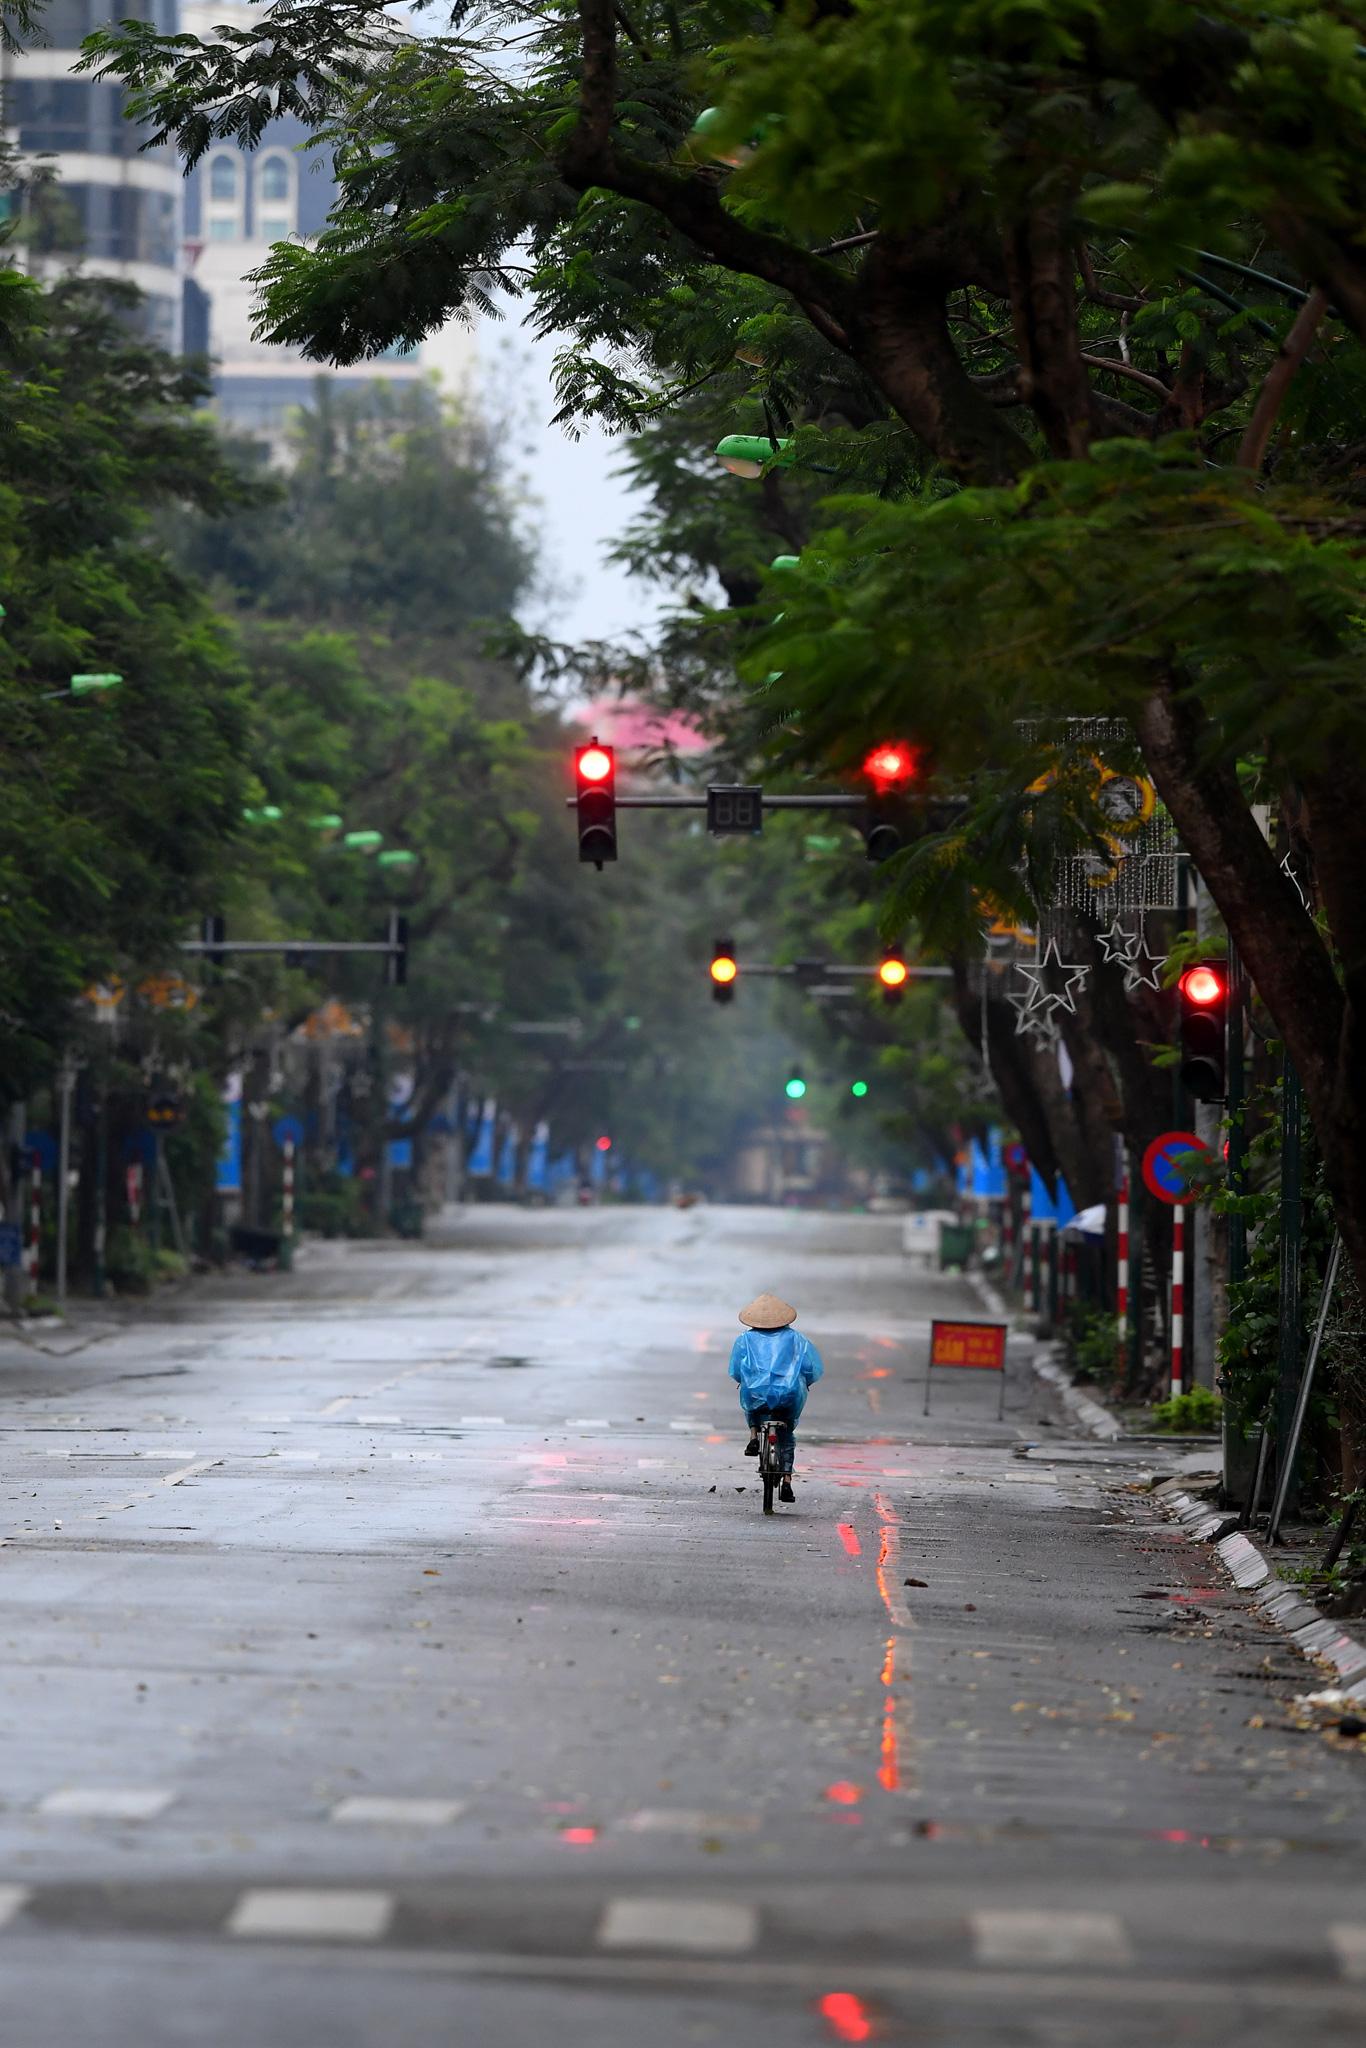 Bắt những khoảnh khắc lung linh của Hà Nội trong ngày giãn cách xã hội - Ảnh 9.